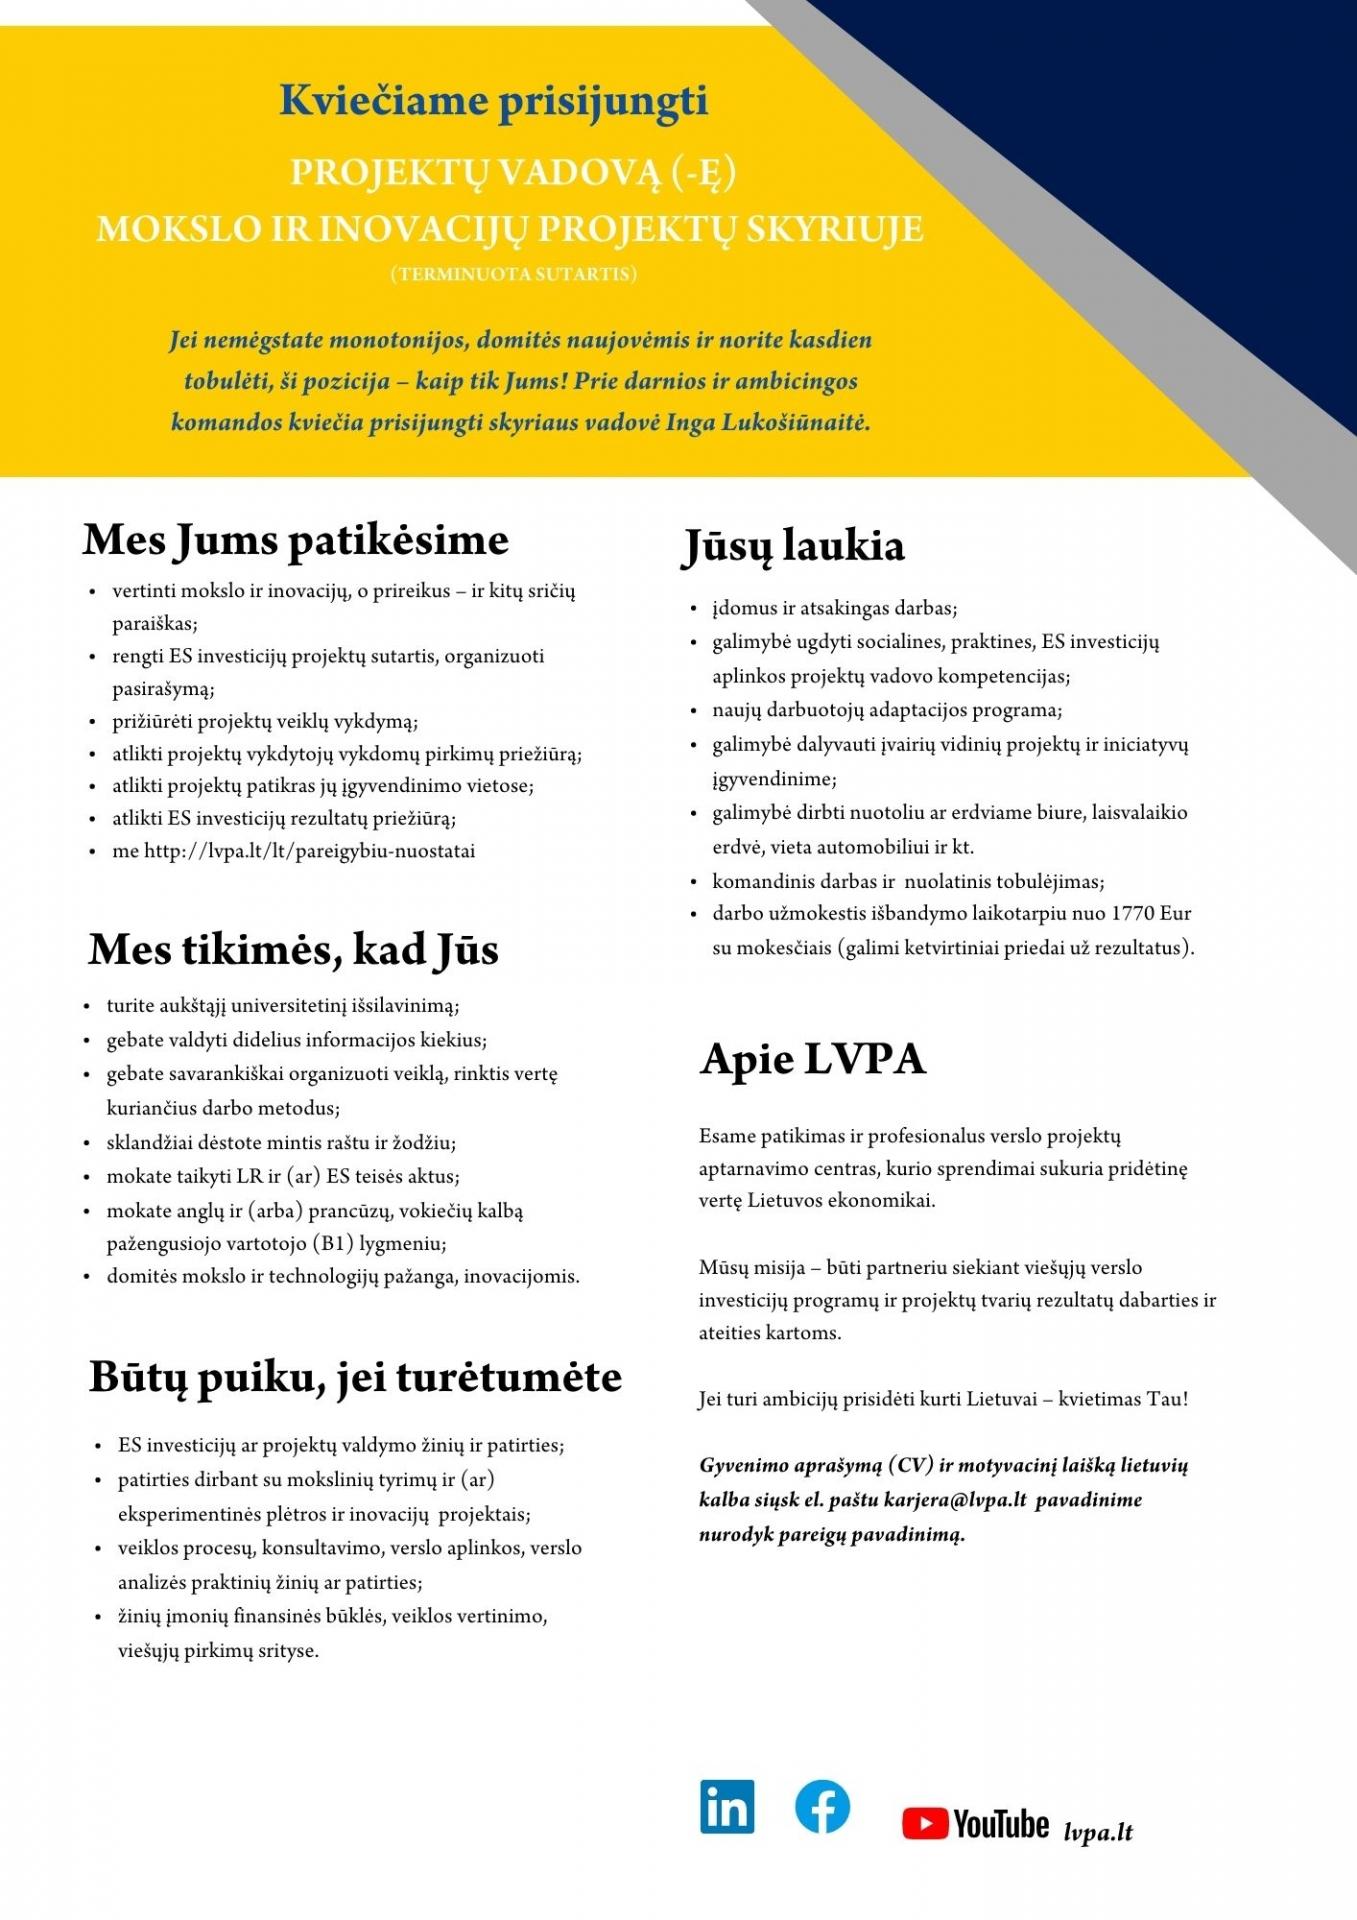 MIPS PROJEKTŲ VADOVAS (-Ė)